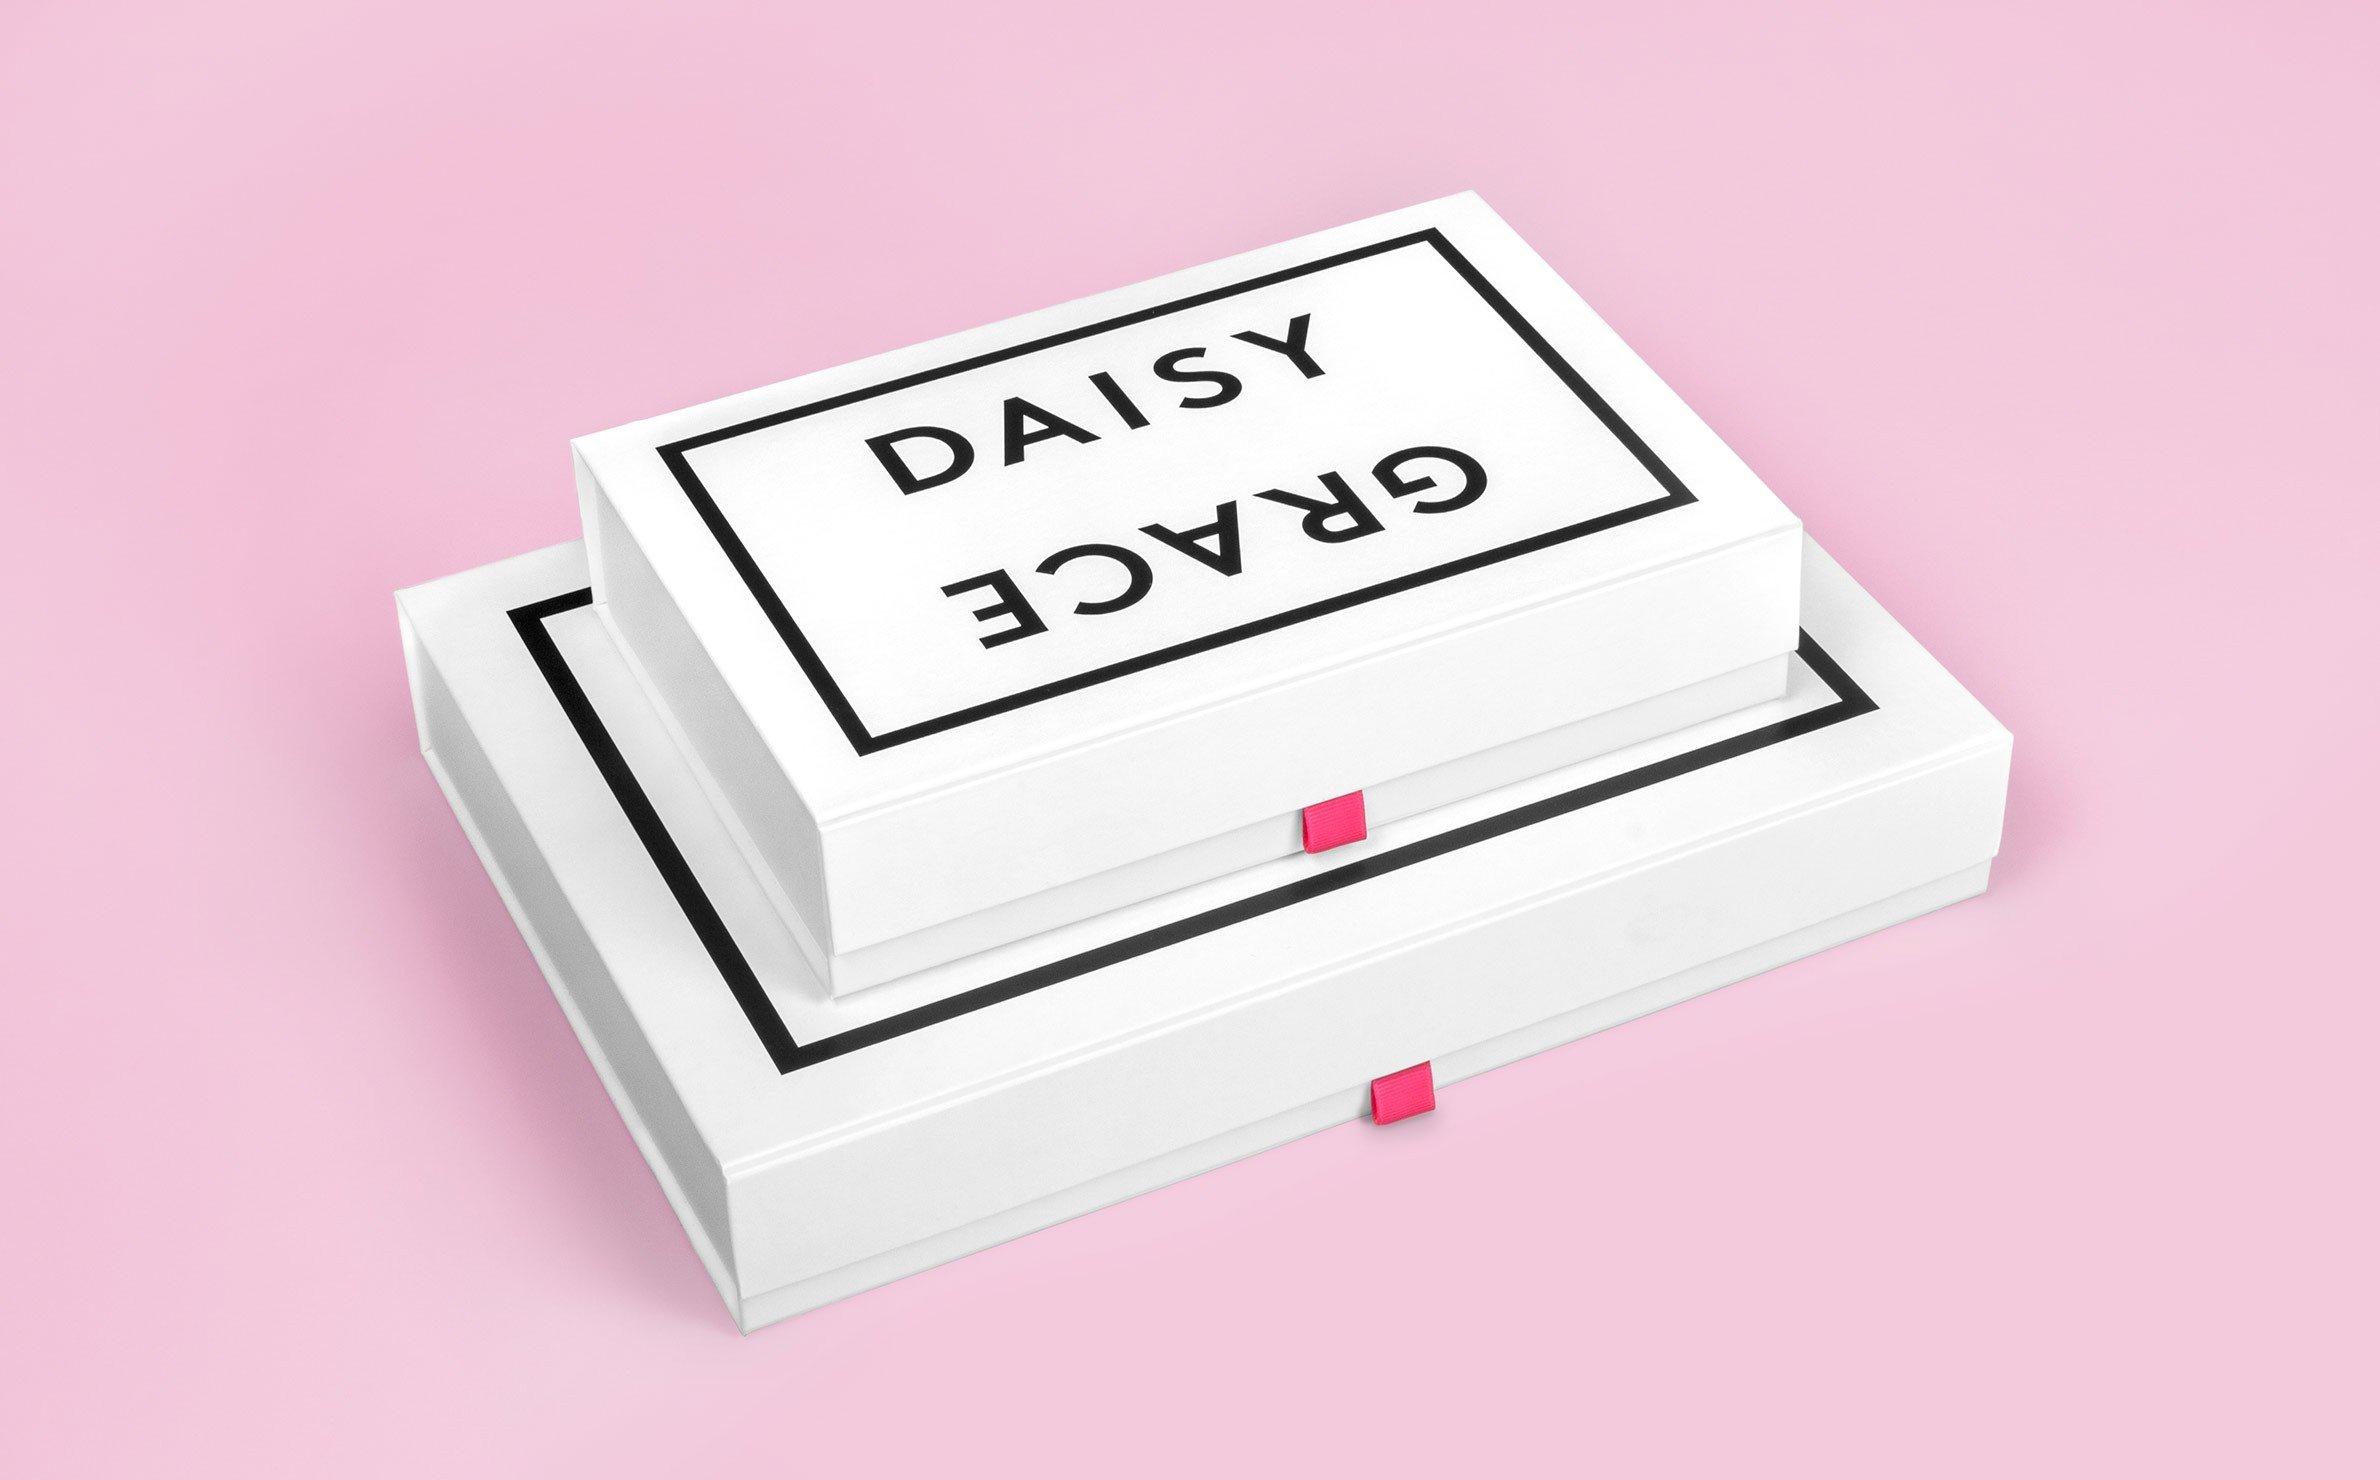 Daisy_Grace_Boxes_2380px_v2-2380x1480